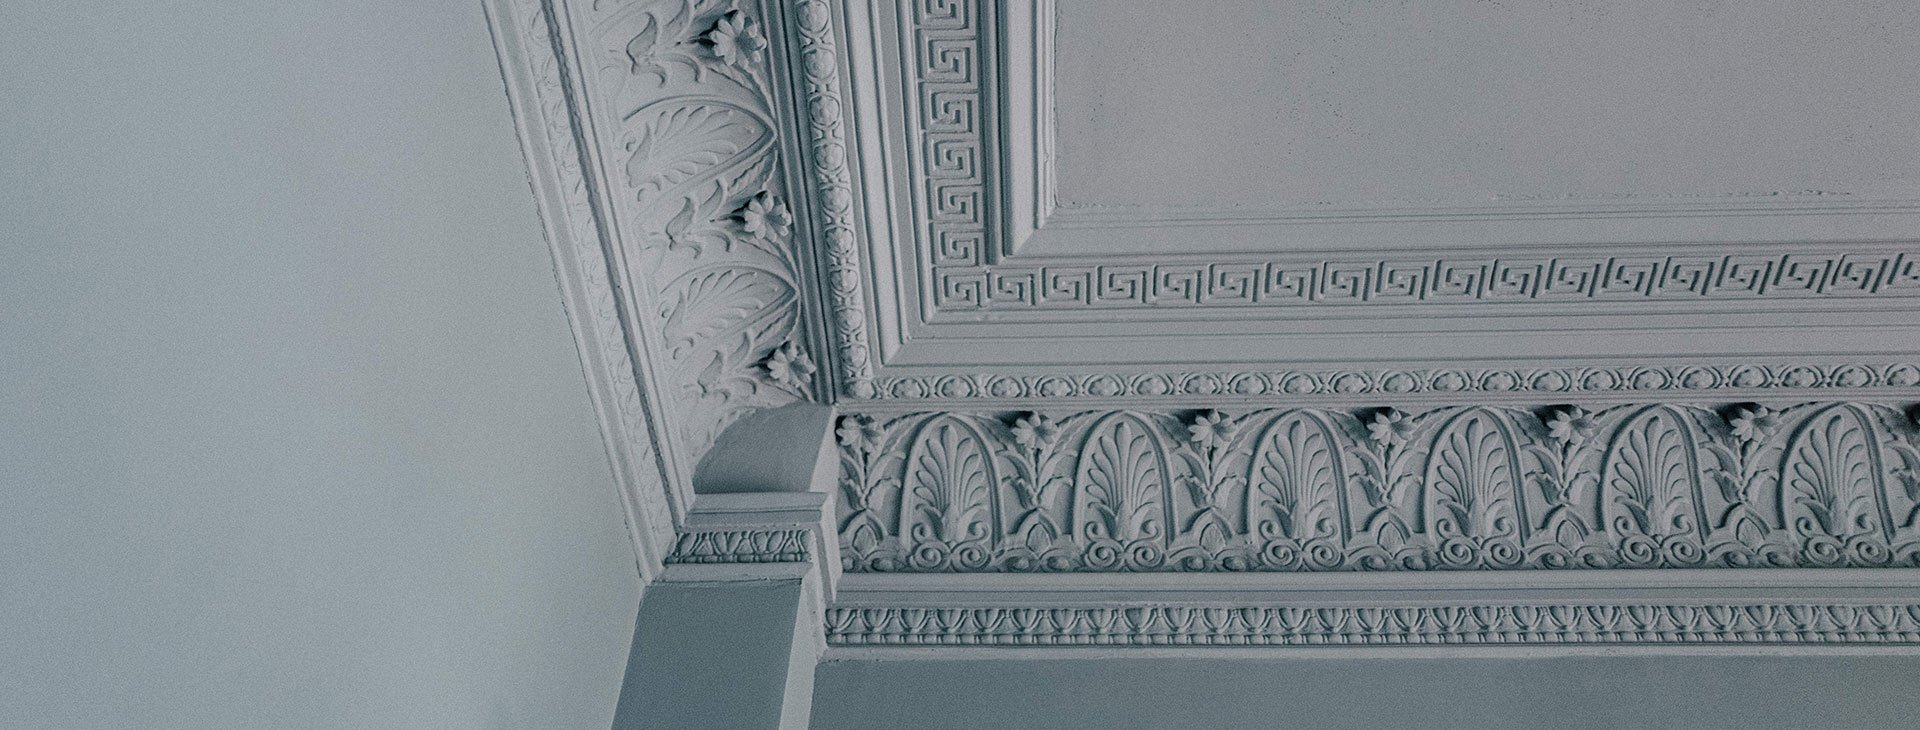 stilwerk_hotel_heimhude_interior_stage_04